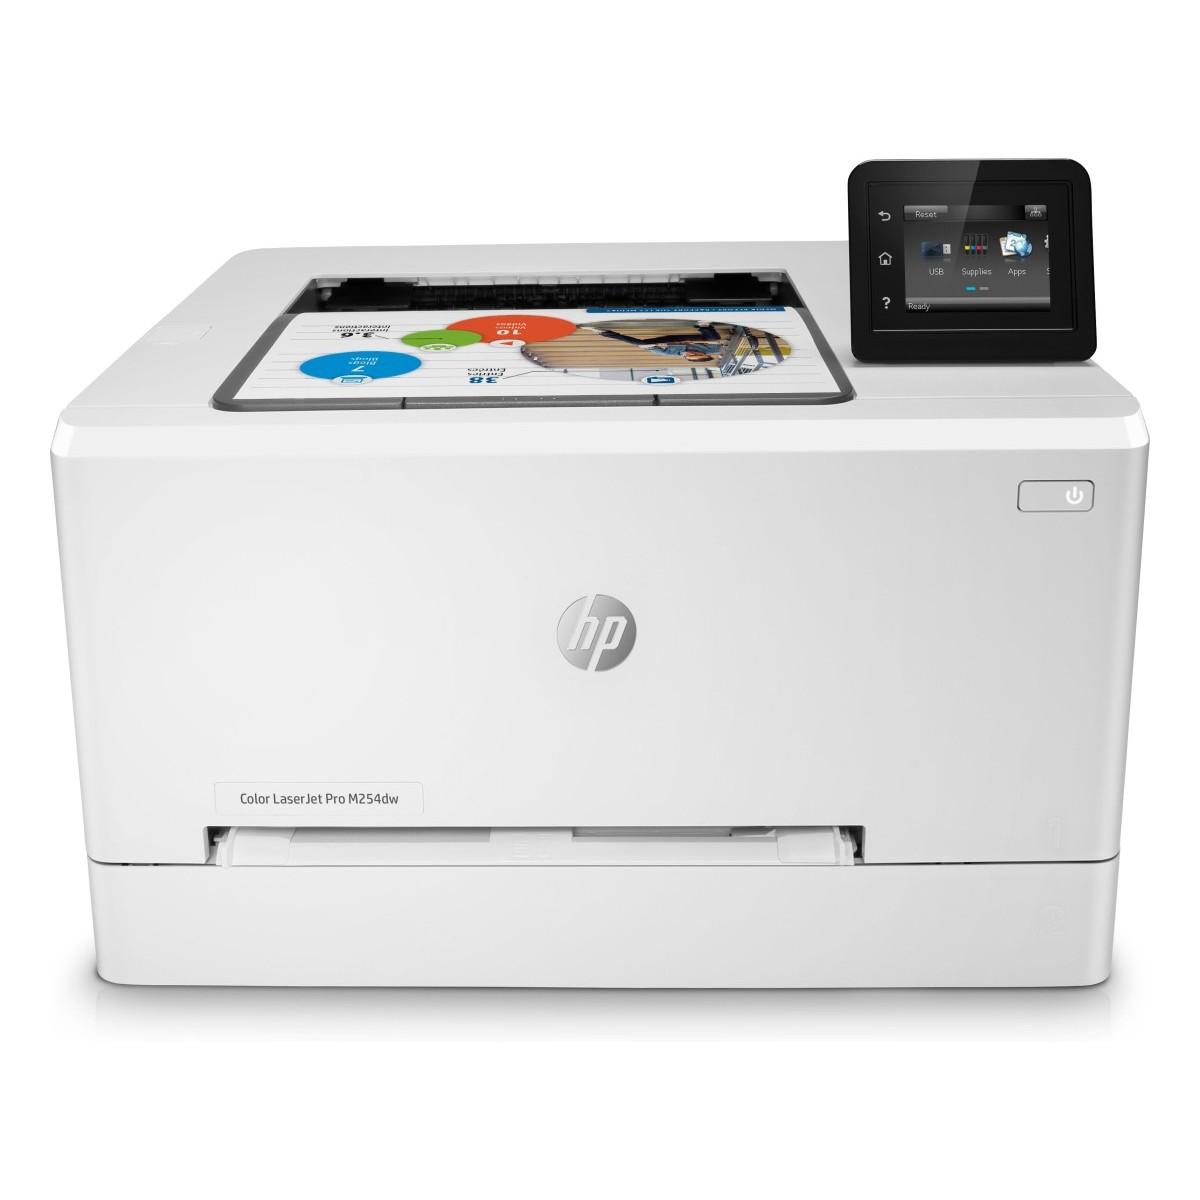 HP Color LaserJet Pro M254dw (A4,21/21 ppm, USB 2.0, Ethernet, Wifi, Duplex)